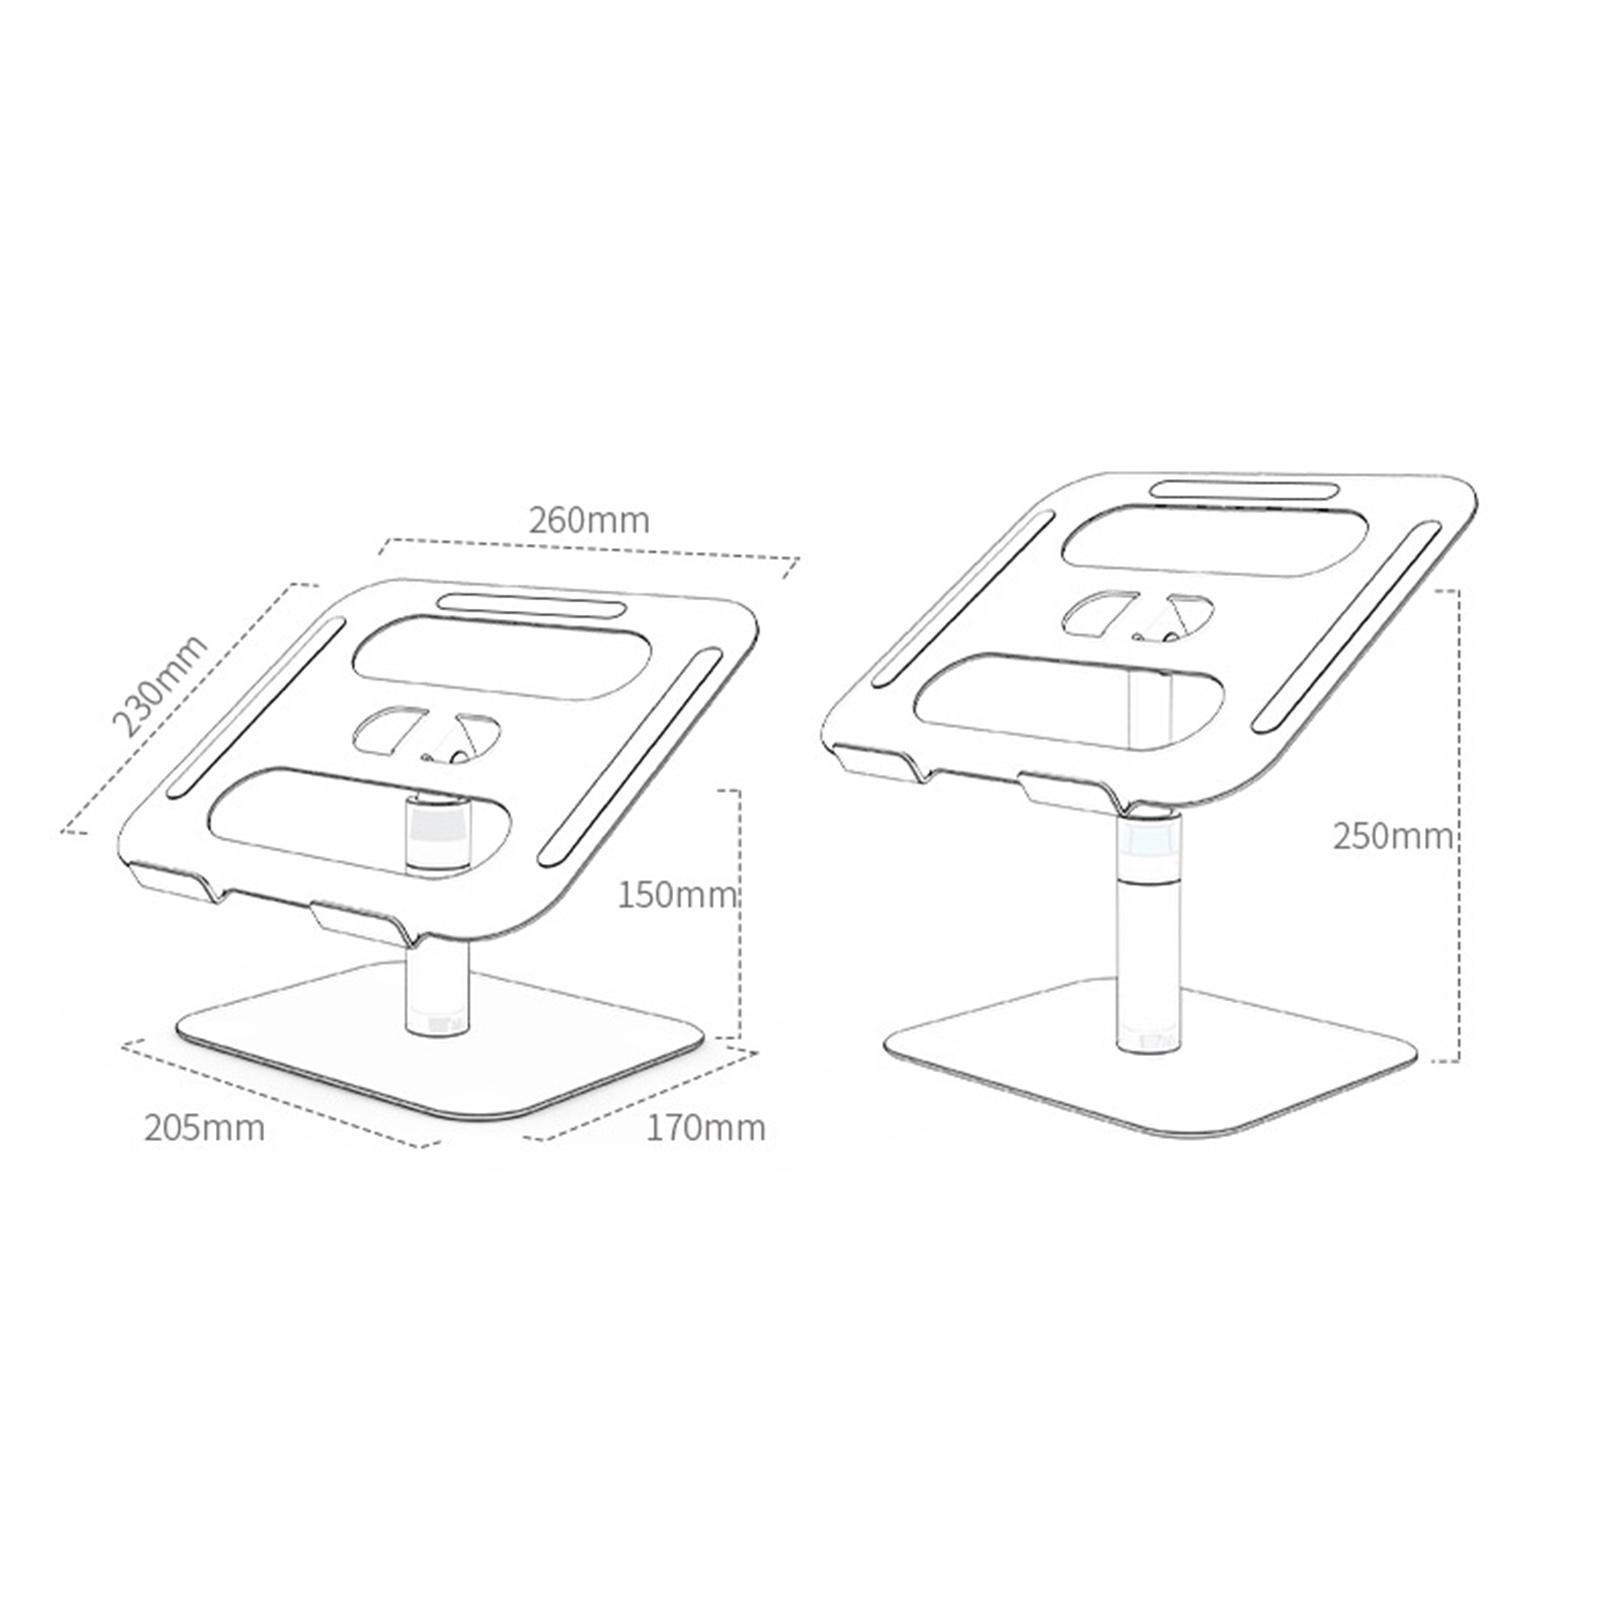 Indexbild 5 - Einstellbare Laptop Stand Halterung Portable Desktop PC Halter für Büro